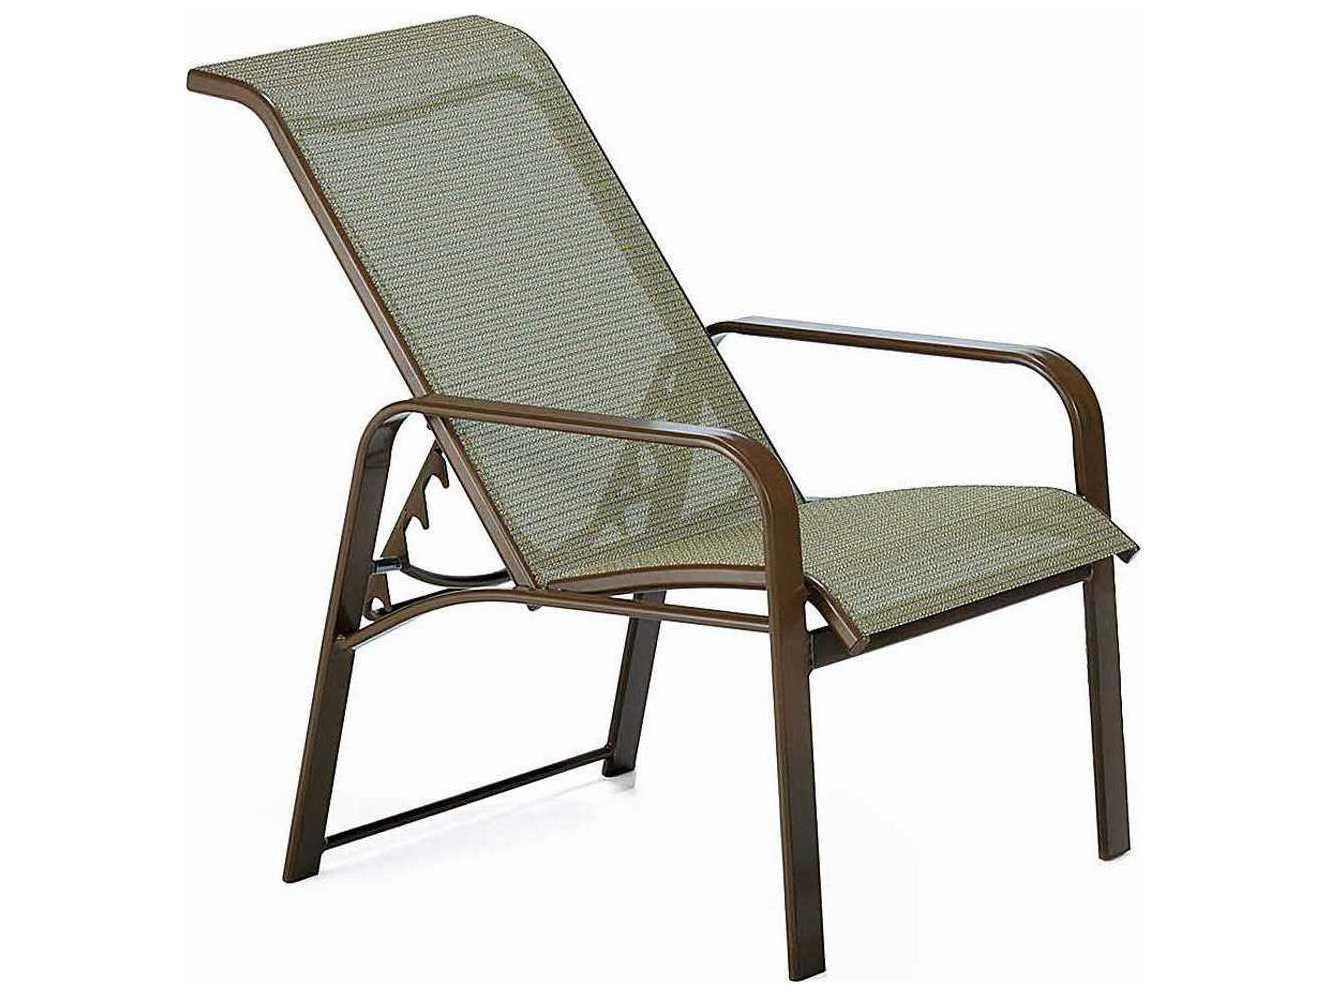 Winston Seagrove II Sling Aluminum Adjustable Chair